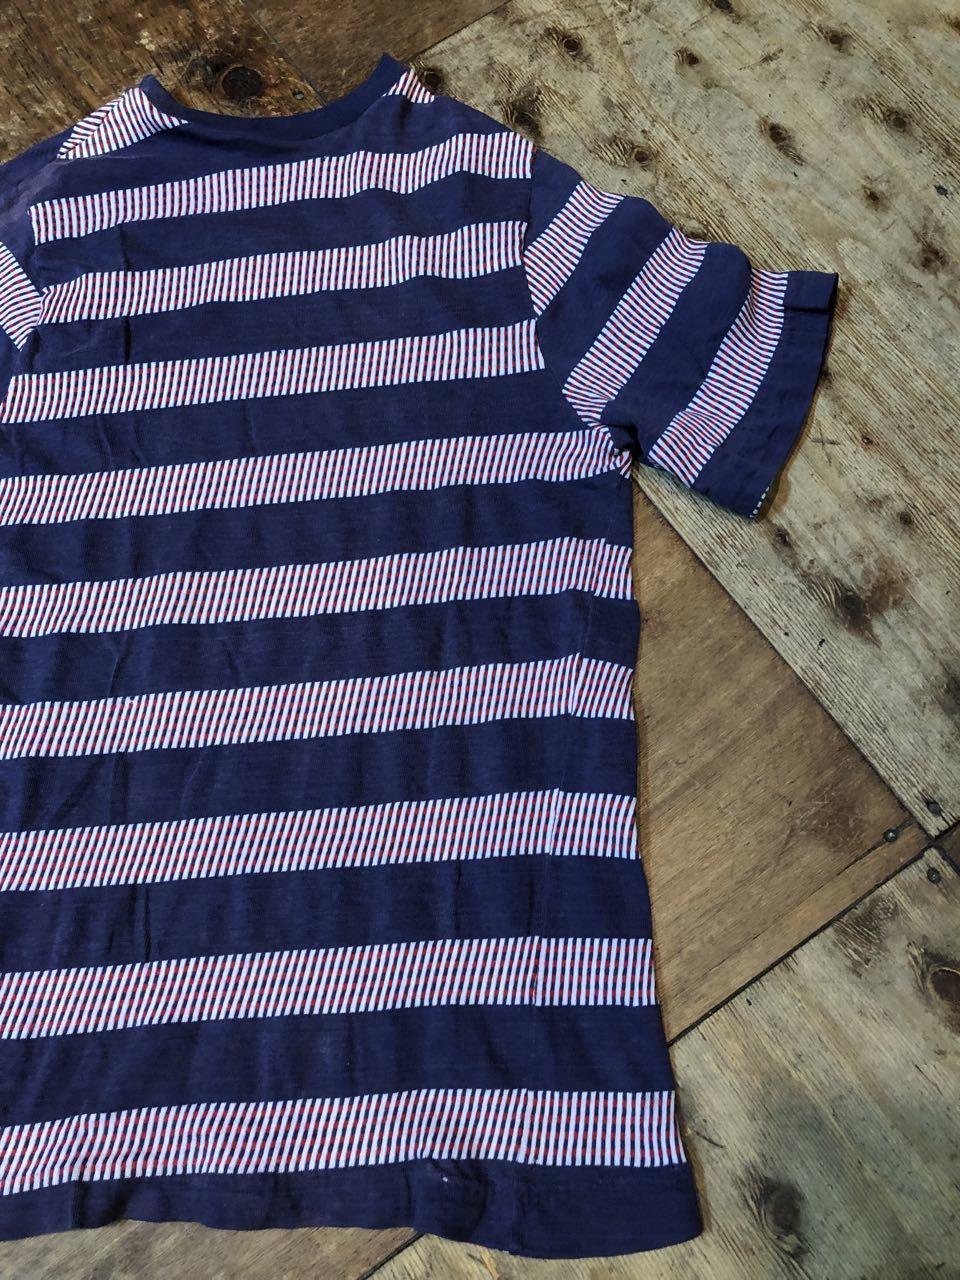 7月20日(土)入荷!70s all cotton  J.C Penny\'s Towncraft ジャガードボーダー Tシャツ! _c0144020_13533521.jpg